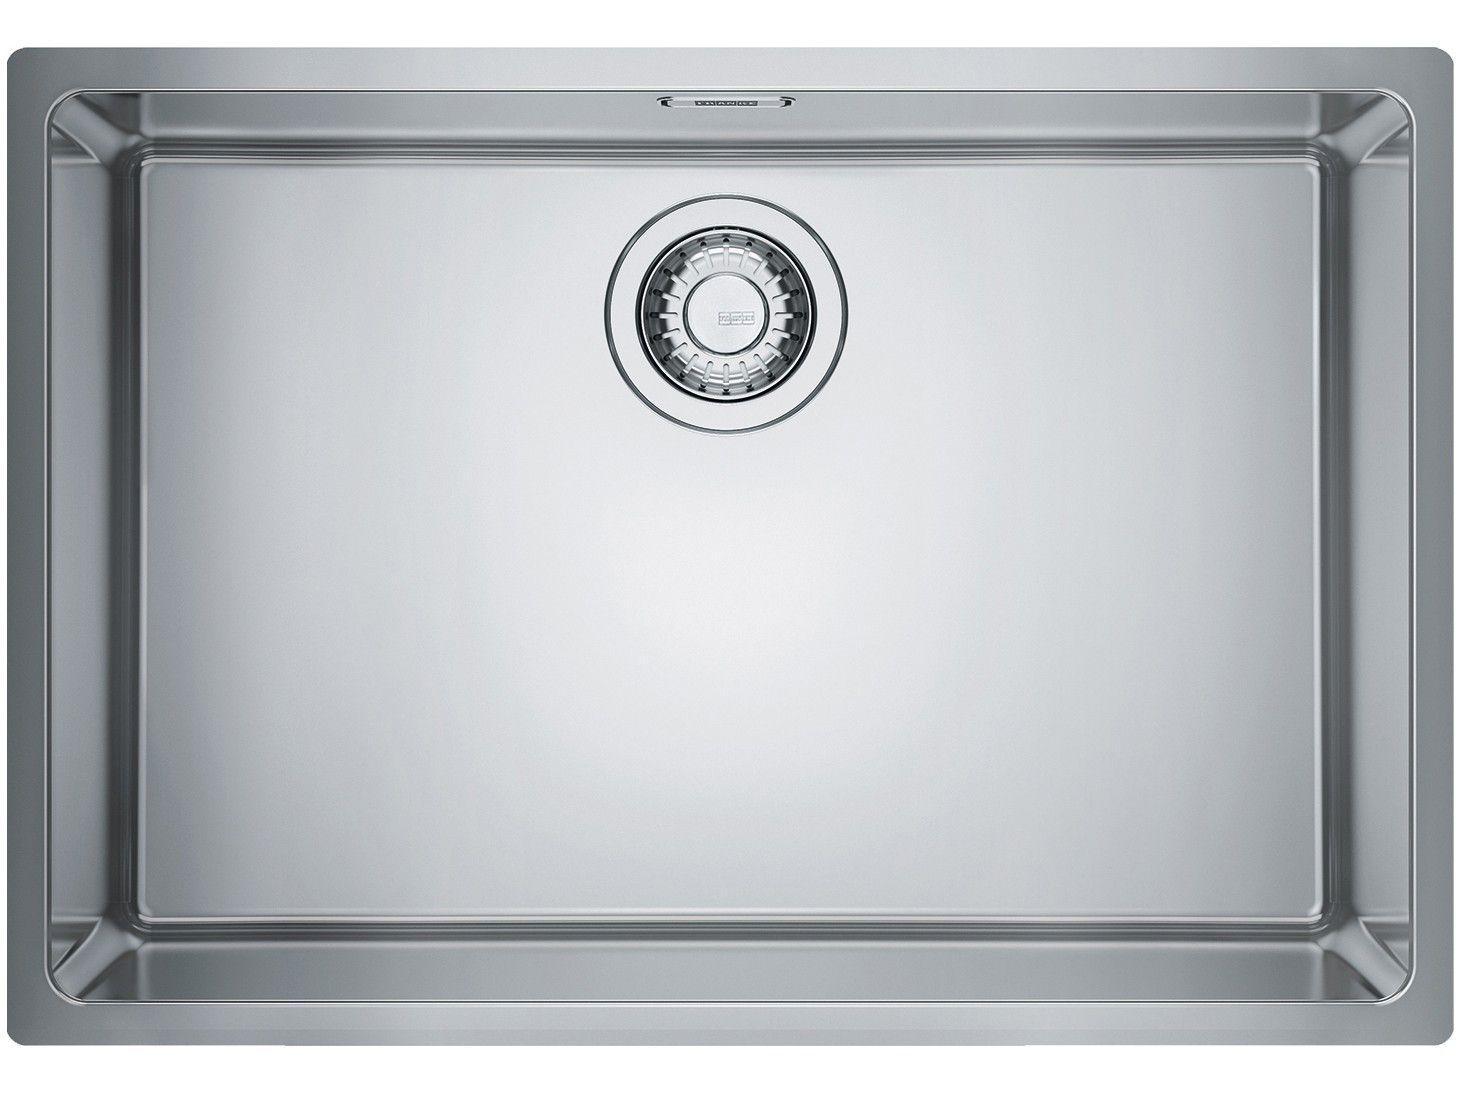 Cuba para Cozinha Franke Inox de Embutir e - Sobrepor Retangular 60x40cm Prática Linea FEX11060